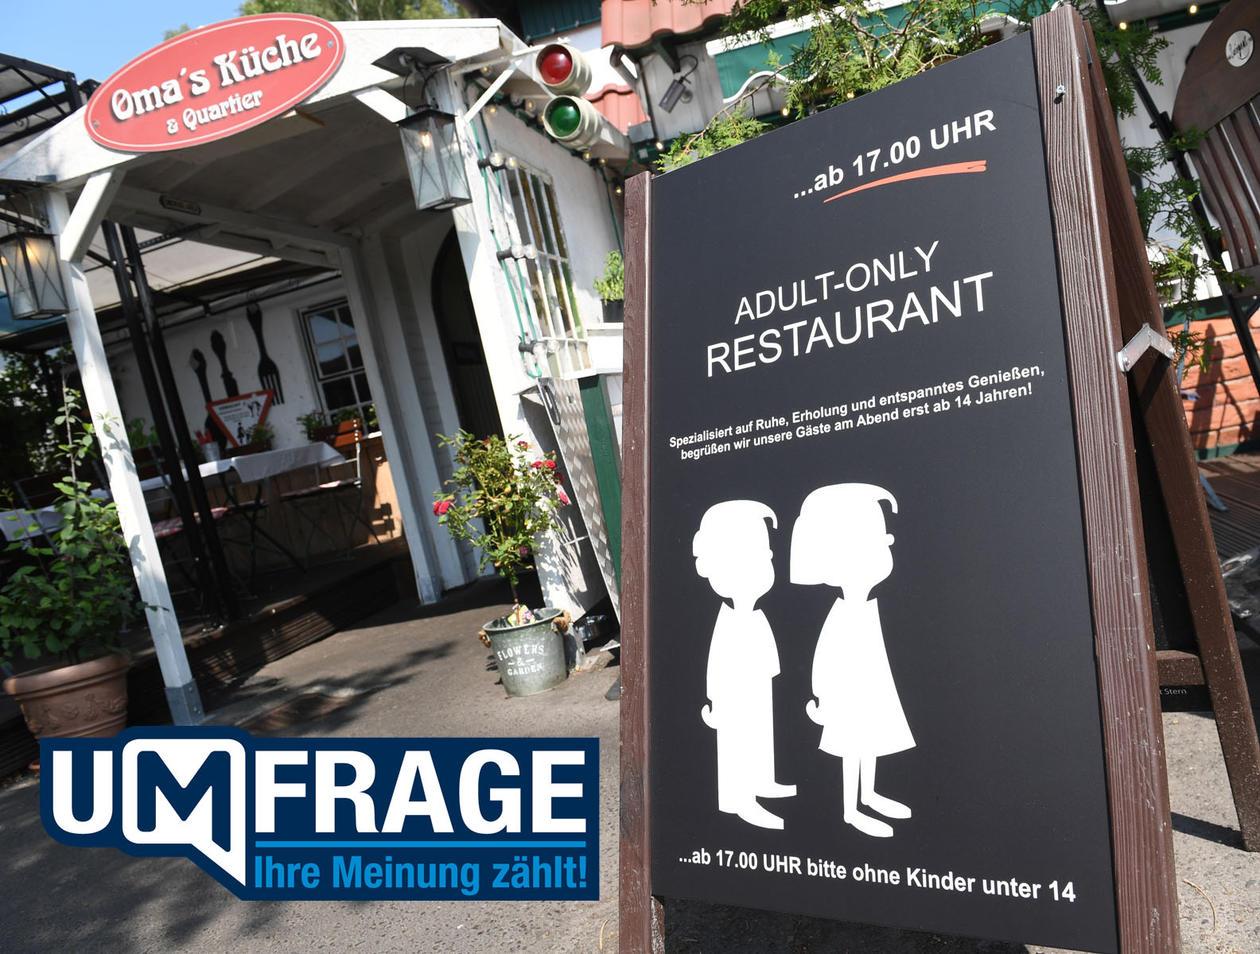 Restaurant auf Ostseeinsel Rügen: Abends keine Kinder in ...